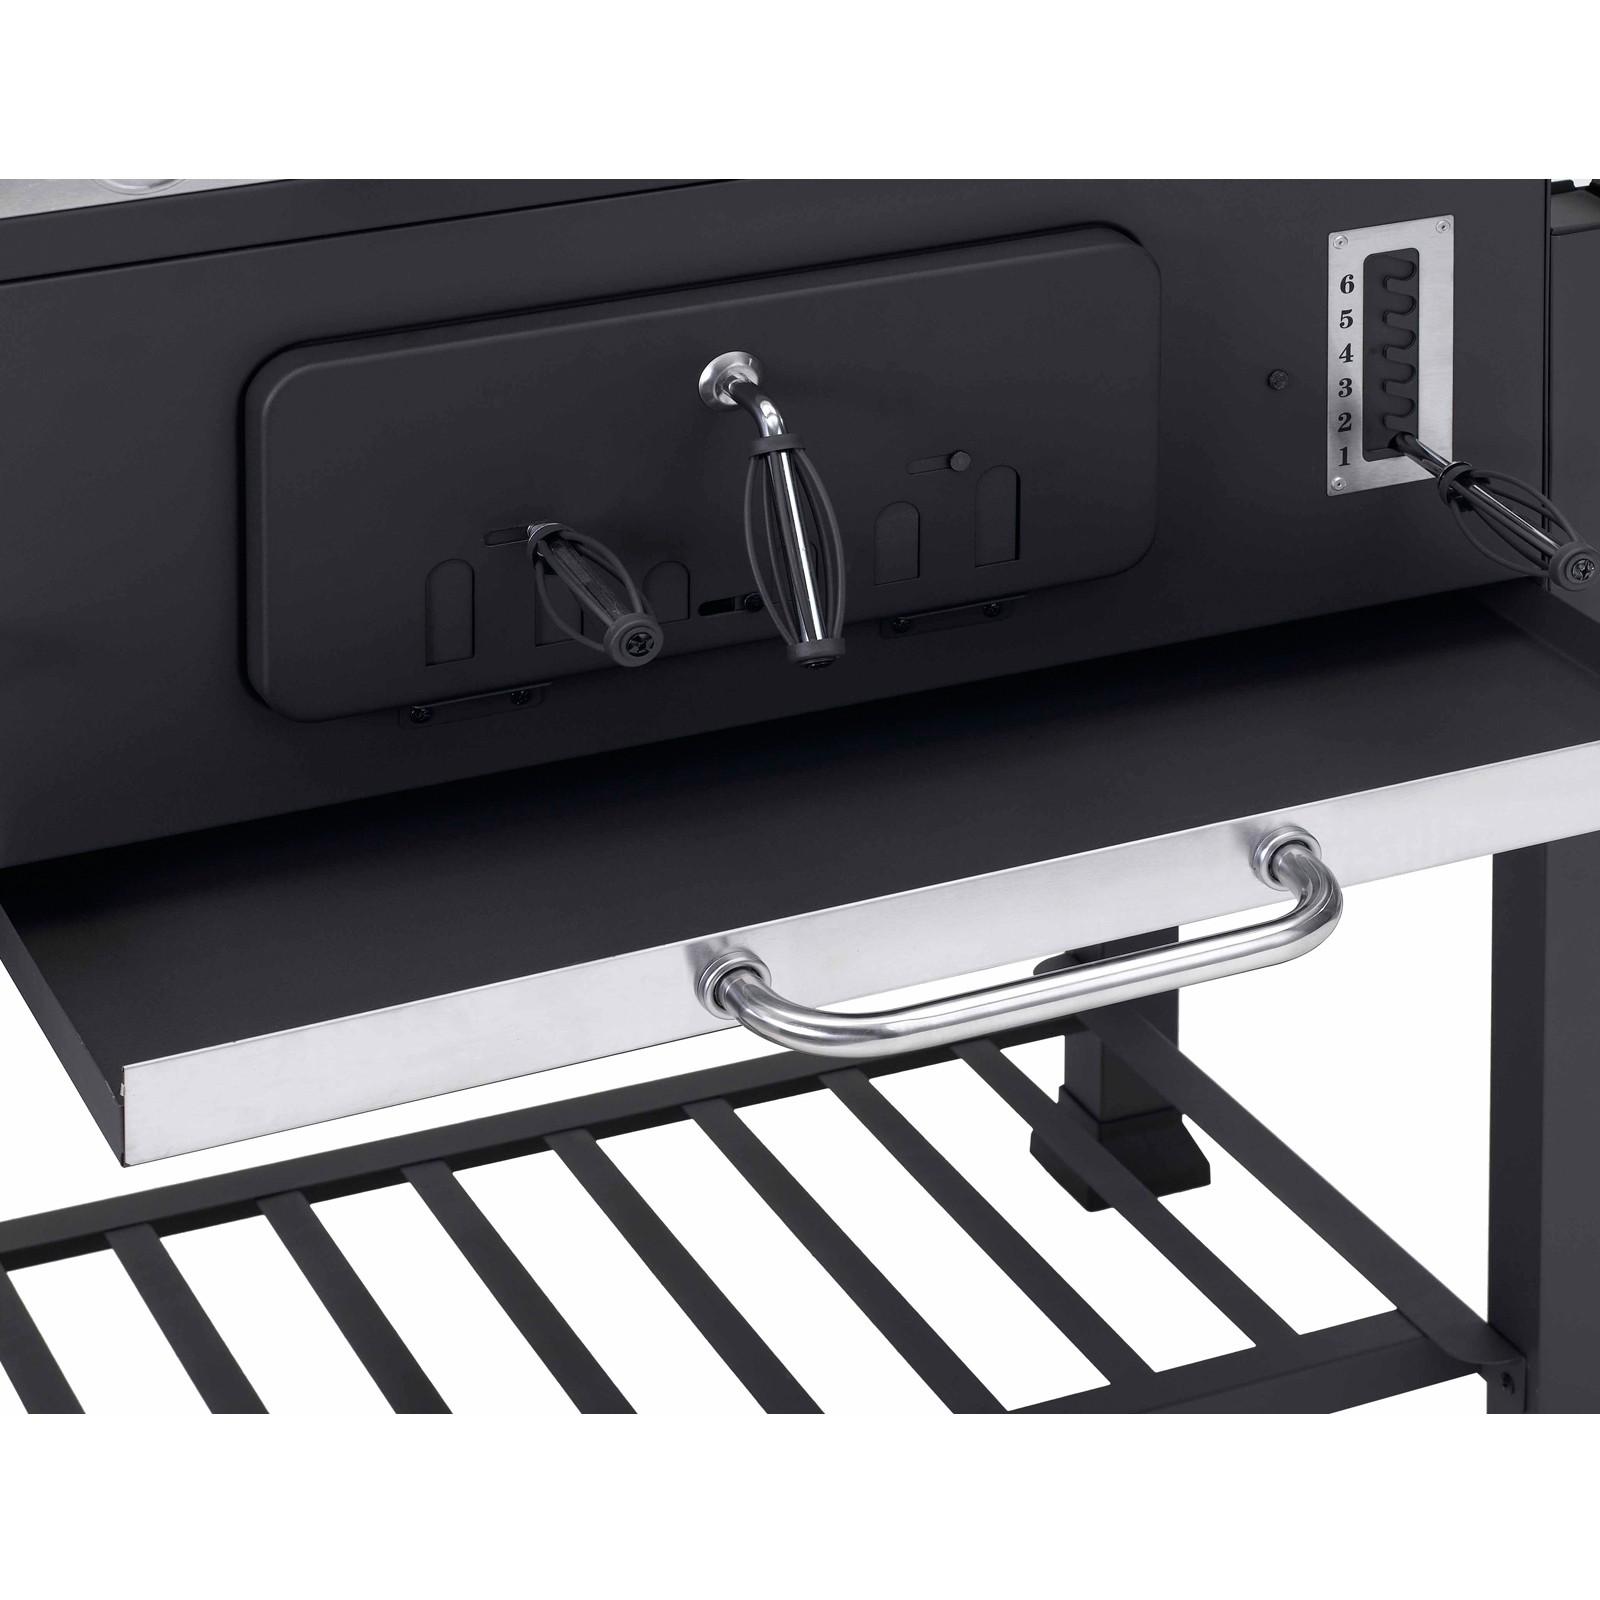 tepro holzkohlegrill grillwagen bbq grill kohlegrill. Black Bedroom Furniture Sets. Home Design Ideas